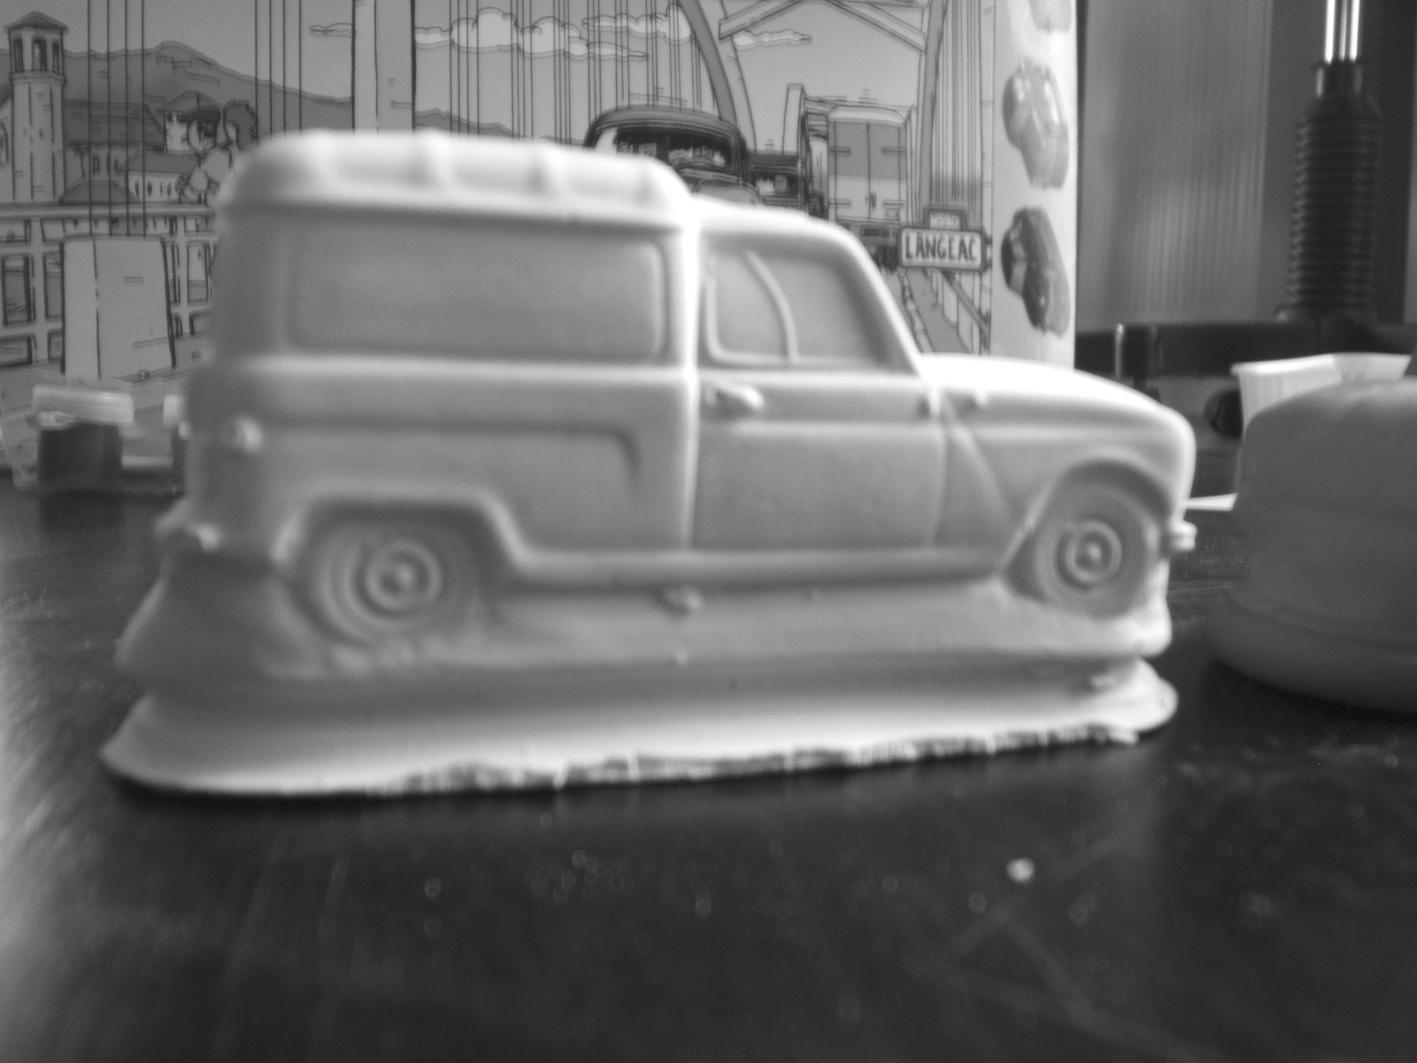 Voiture en plâtre Macoto - Renault 4 F4 en plâtre vue de profil